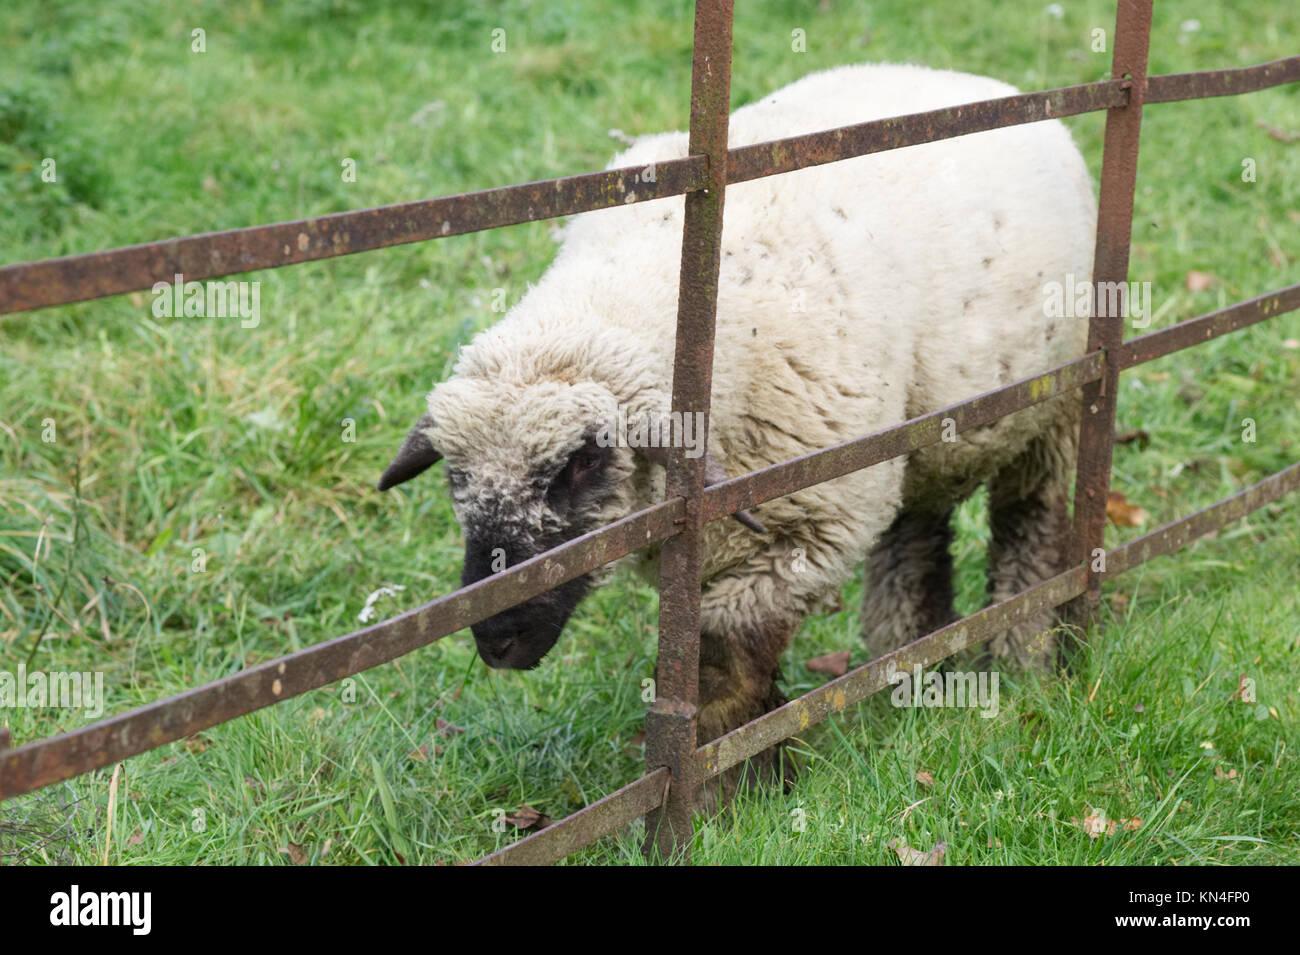 sheep in a pen, farmyard animals Stock Photo